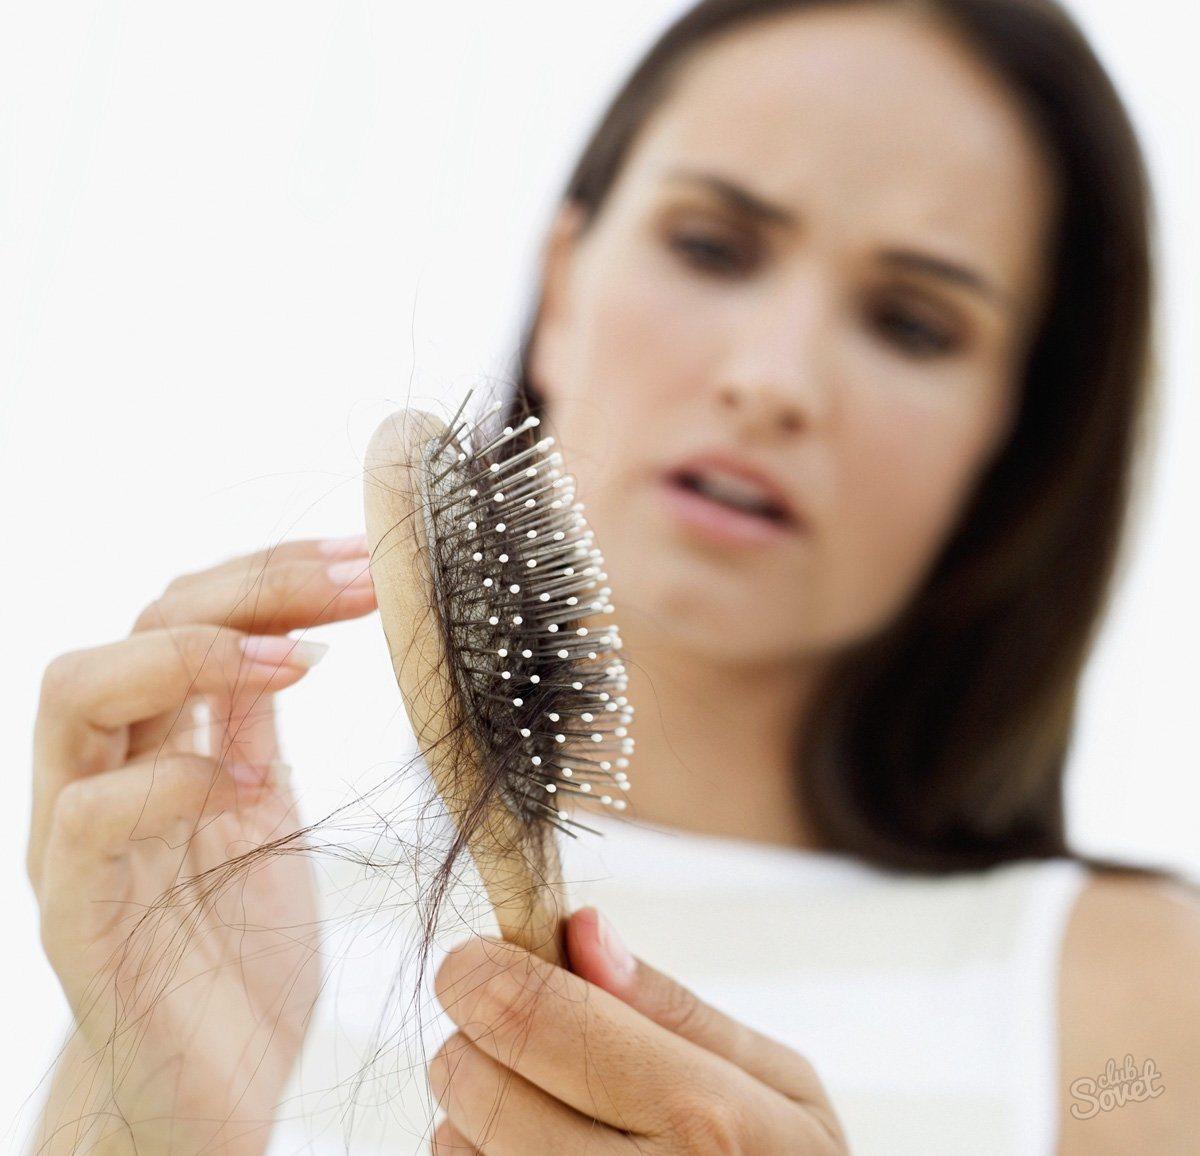 Какие анализы нужно сдать при сильном выпадении волос